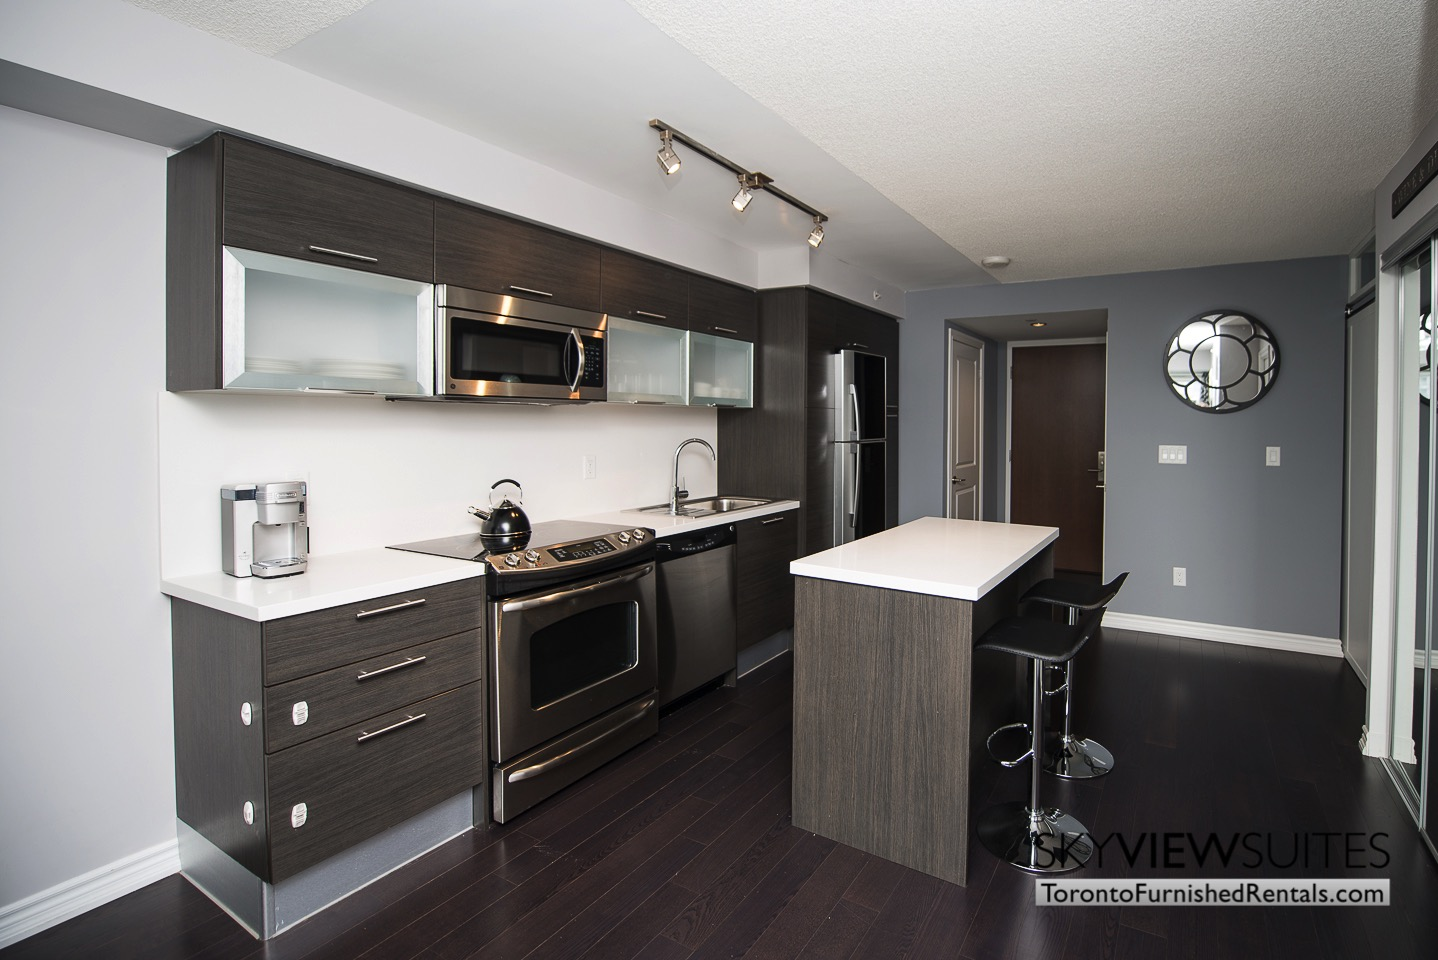 furnished-rentals-toronto-kitchen-college